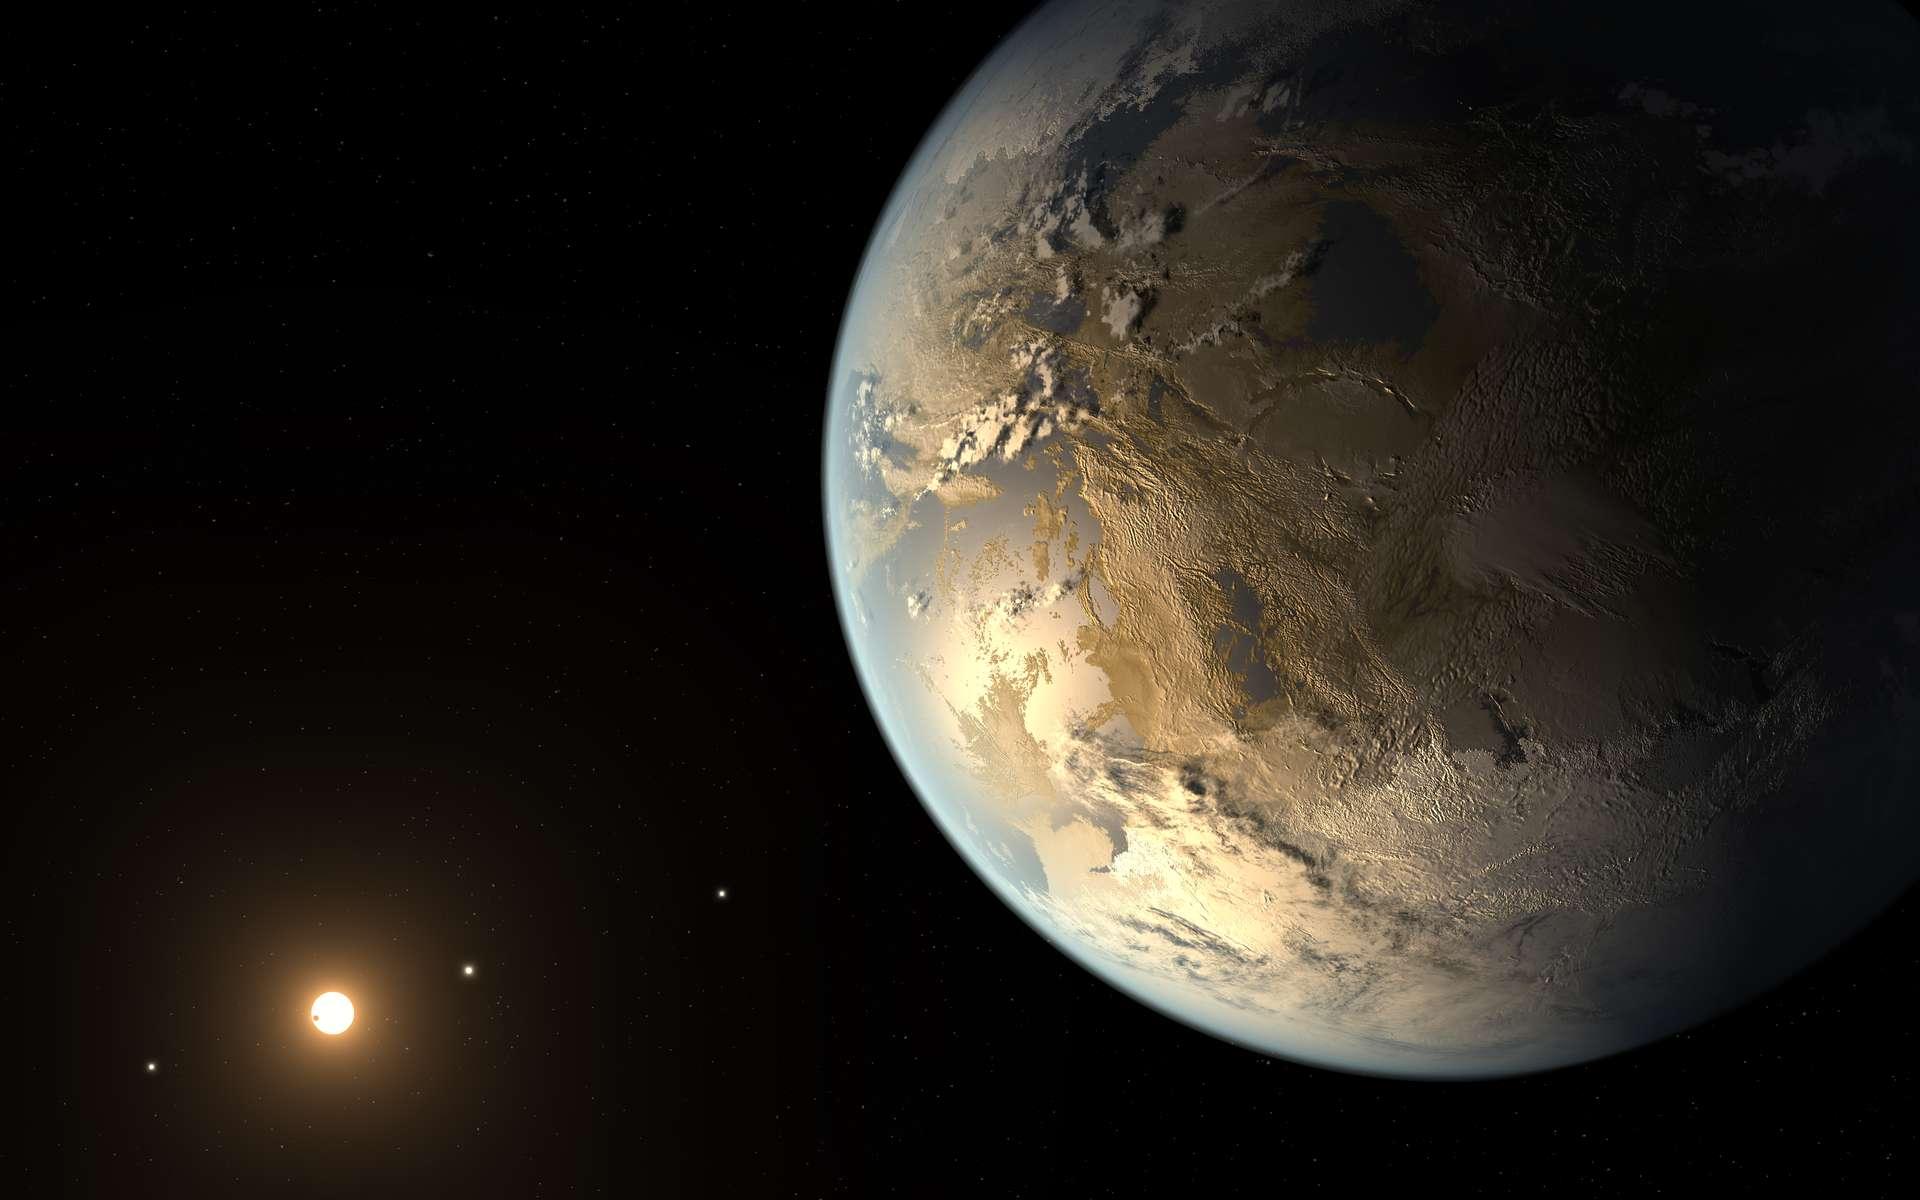 Kepler-186f, découverte en 2014, est une planète de taille et de masse comparable à celle de la Terre, située à la limite extérieure de la zone habitable de son étoile… une naine rouge. Est-elle vraiment habitable? Peut-il y avoir de l'eau liquide à sa surface? © Nasa Ames, Seti Institute, JPL-Caltech